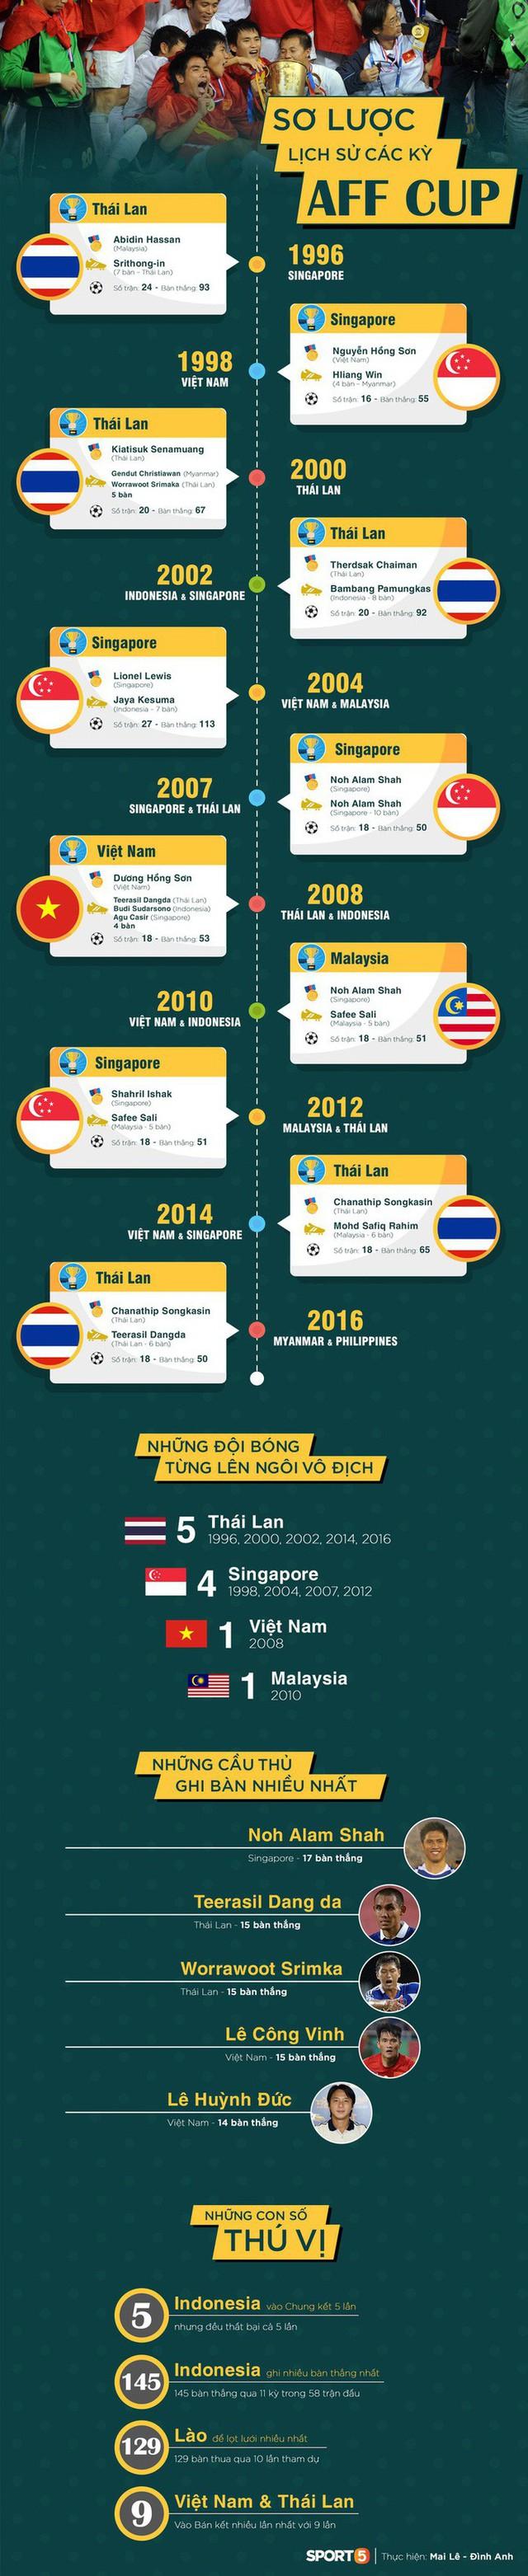 Infographic: Nhìn lại lịch sử hơn 20 năm của giải đấu cao nhất khu vực Đông Nam Á - Ảnh 1.